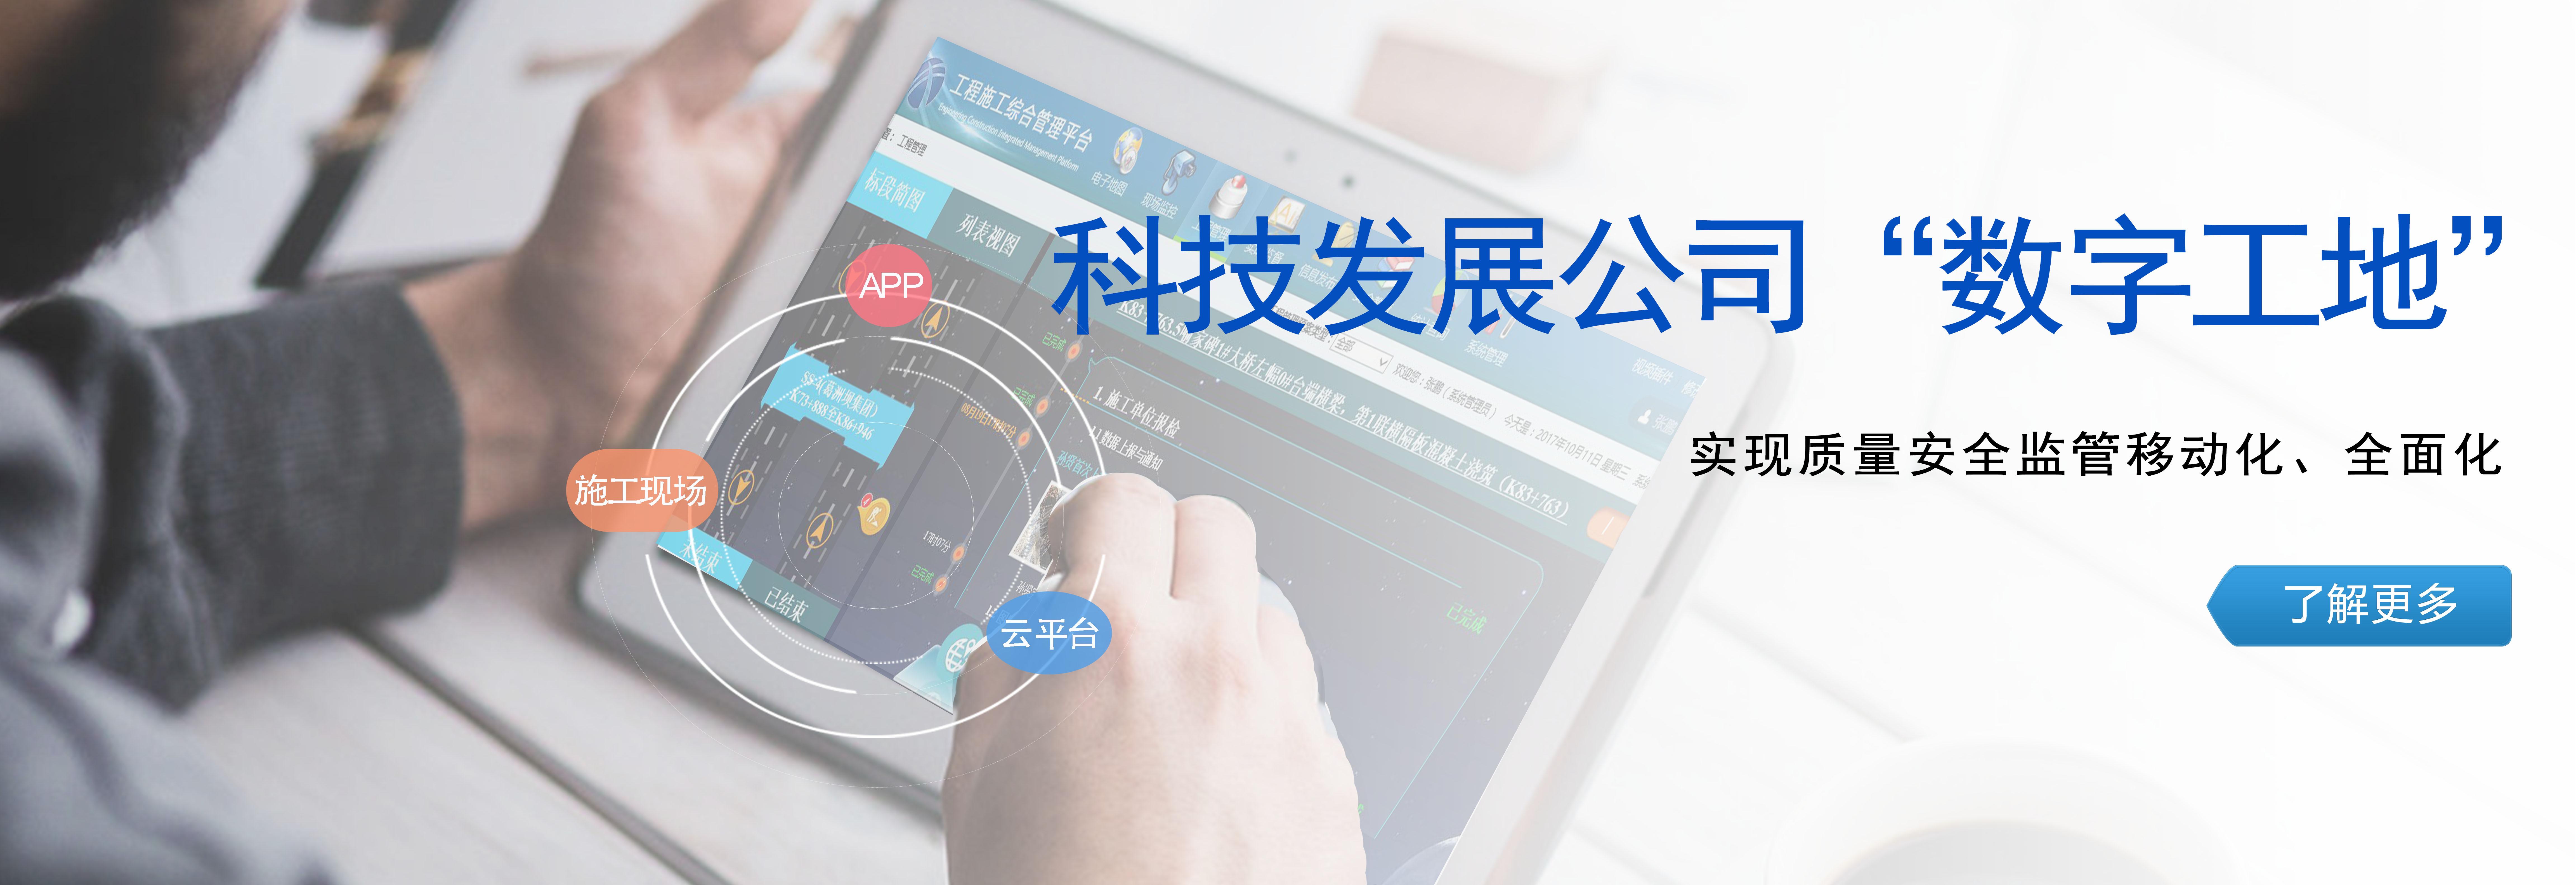 亚洲城ca88手机版科技发展有限公司